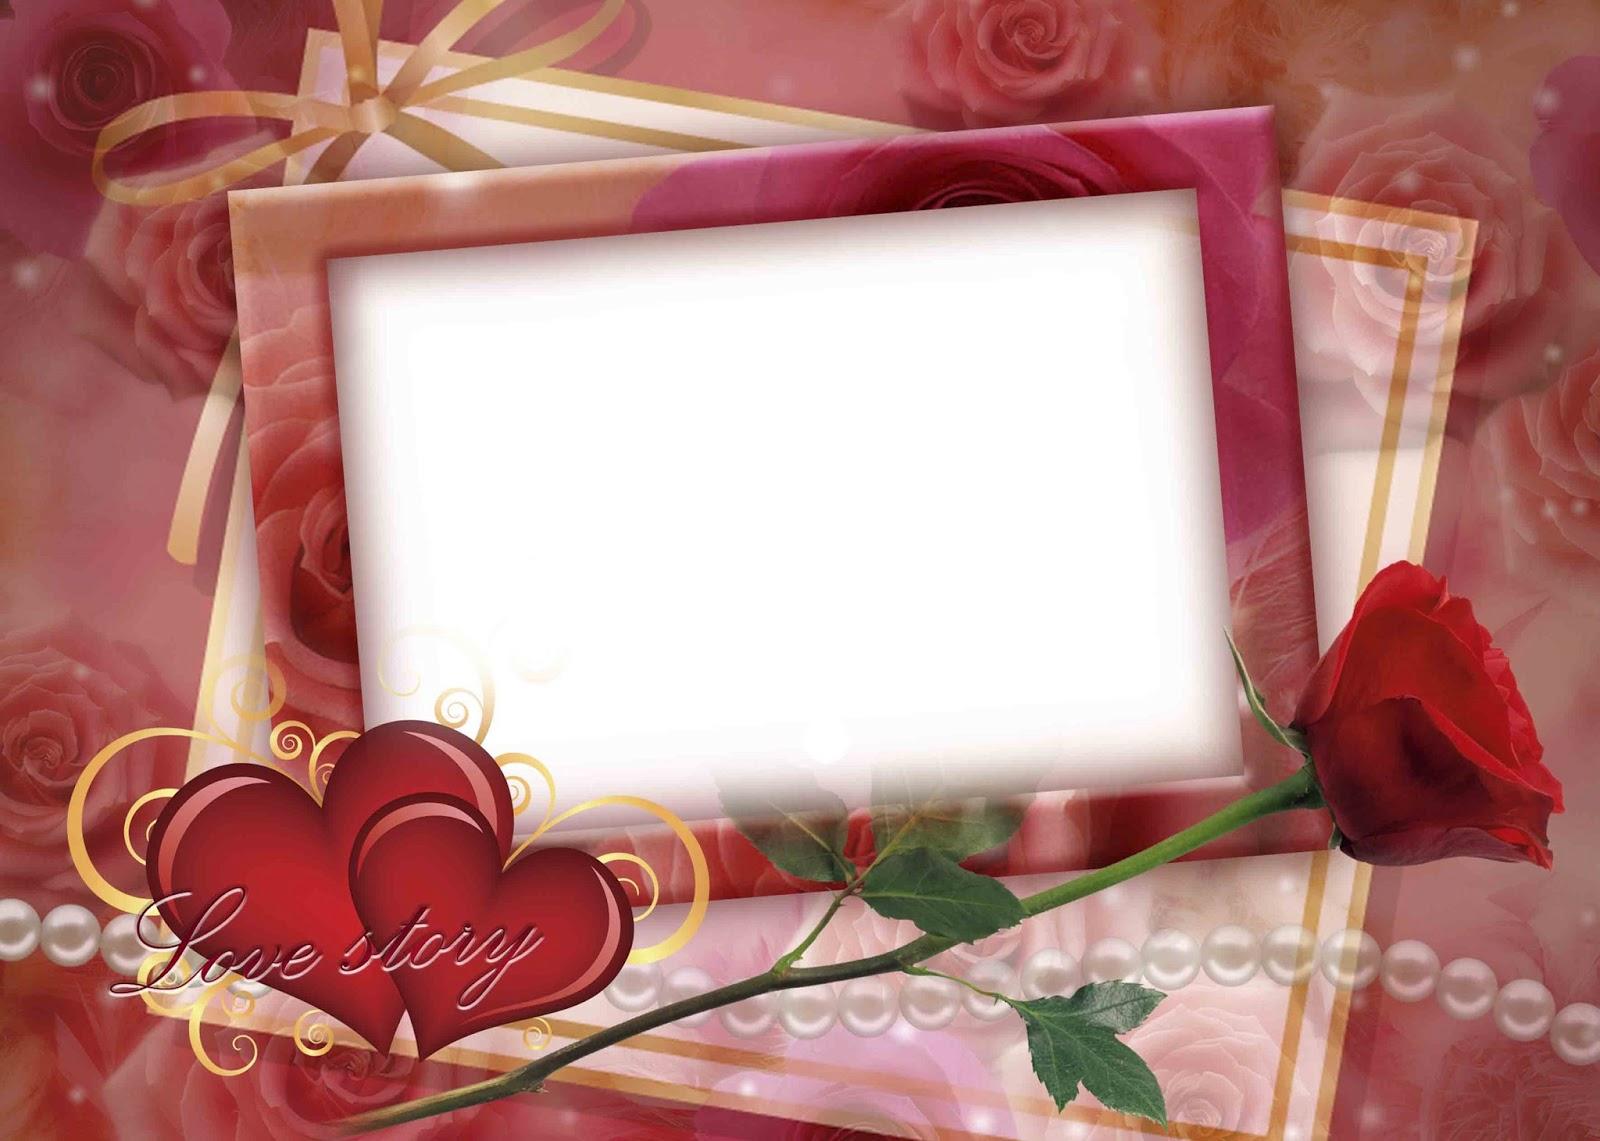 10 PSD Frames Love Images